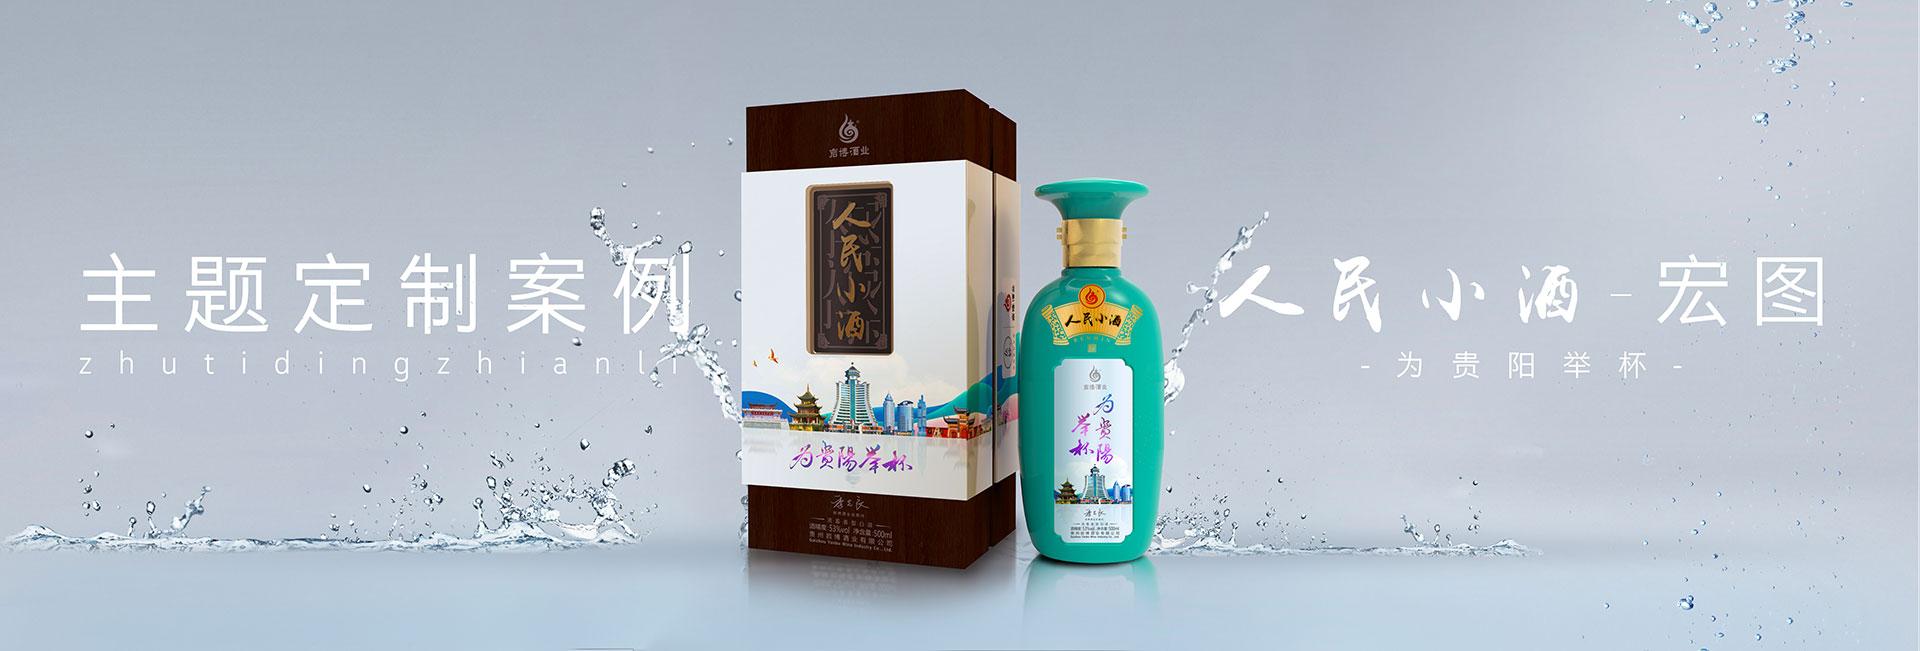 州苏宁网上商�_个性定制_贵州岩博酒业有限公司